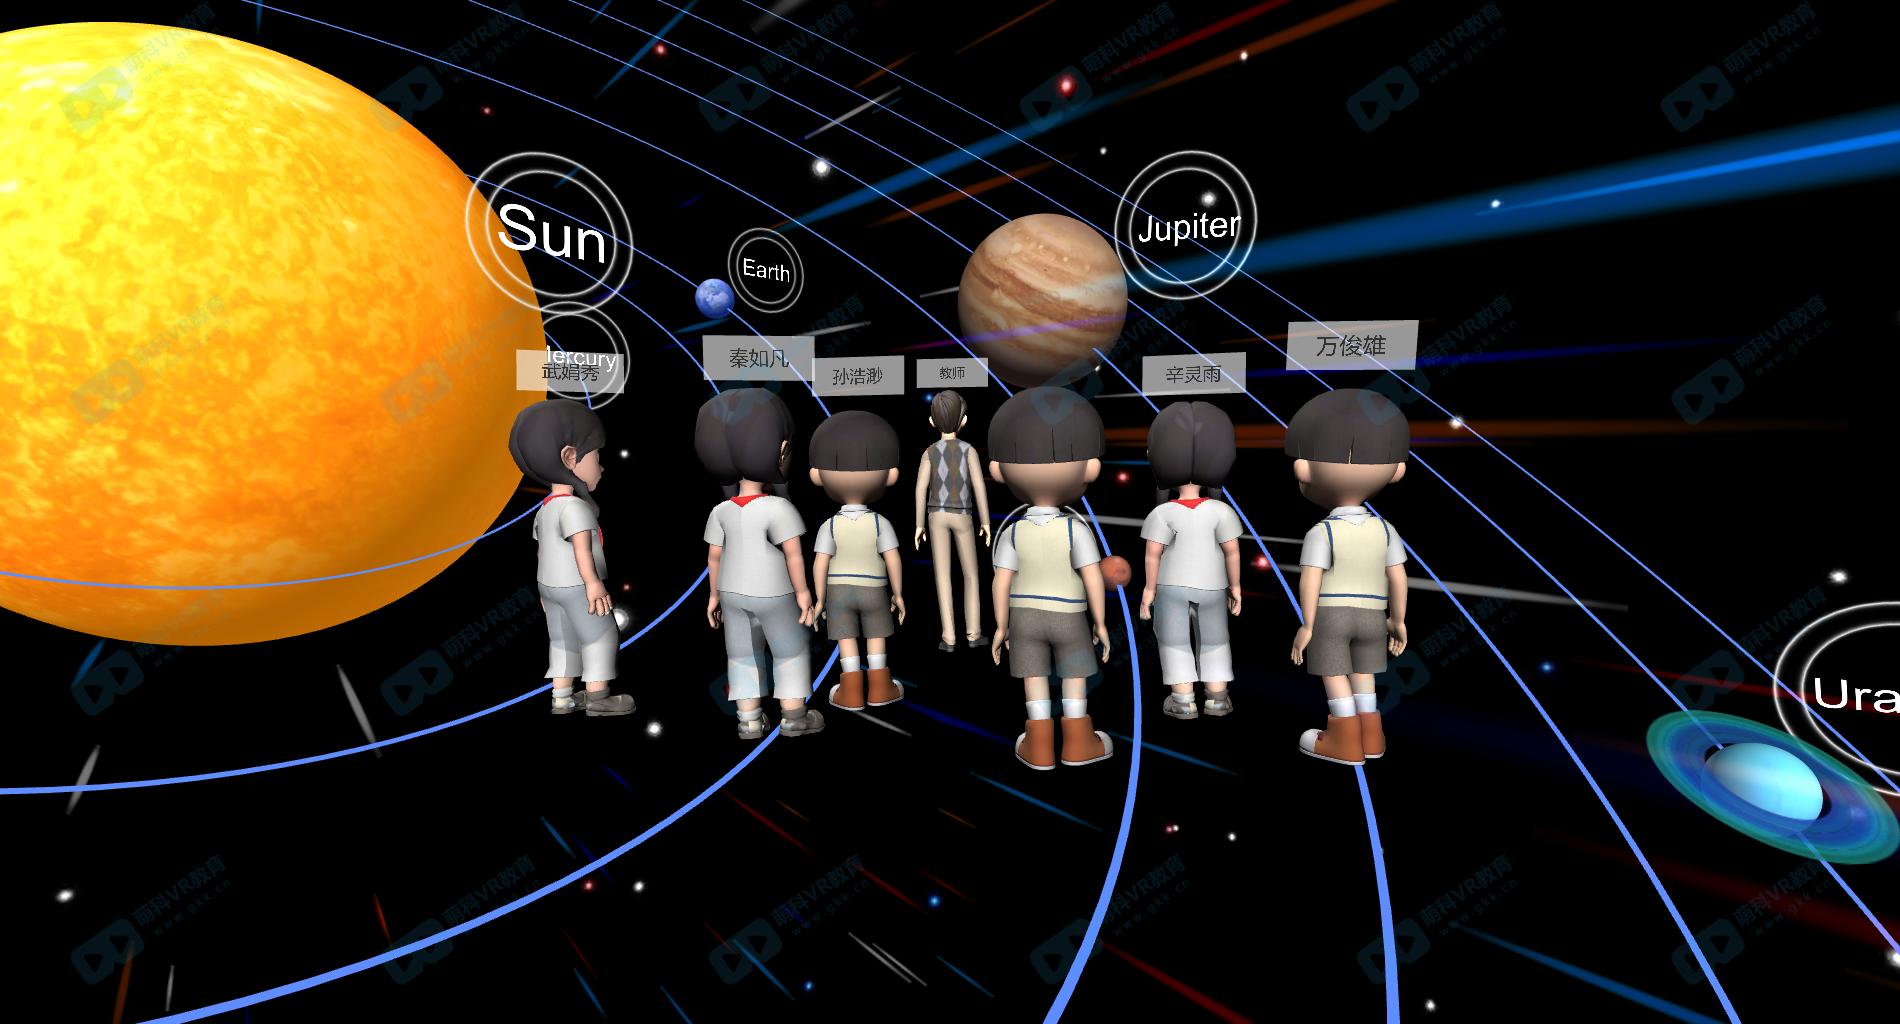 北京萌科推出VR元宇宙智慧教育产品